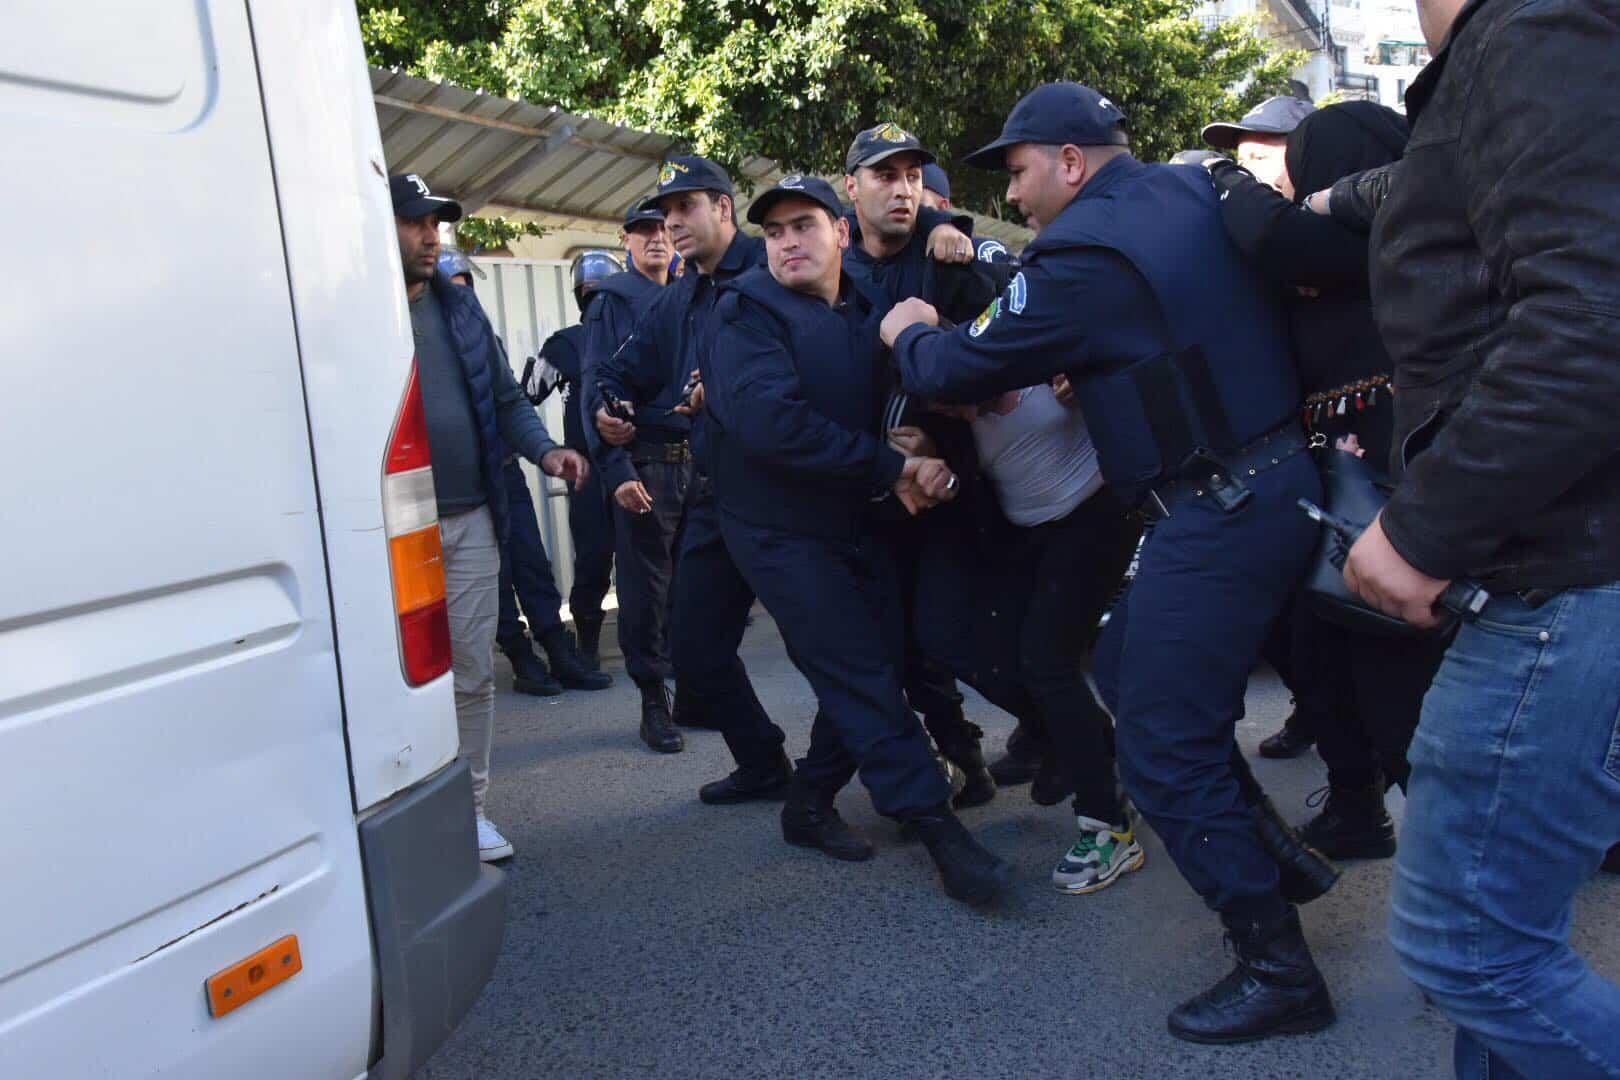 © Interlignes | Arrestation des étudiants lors des manifestations contre le pouvoir et la désignation de Bensalah à la tête de l'Etat